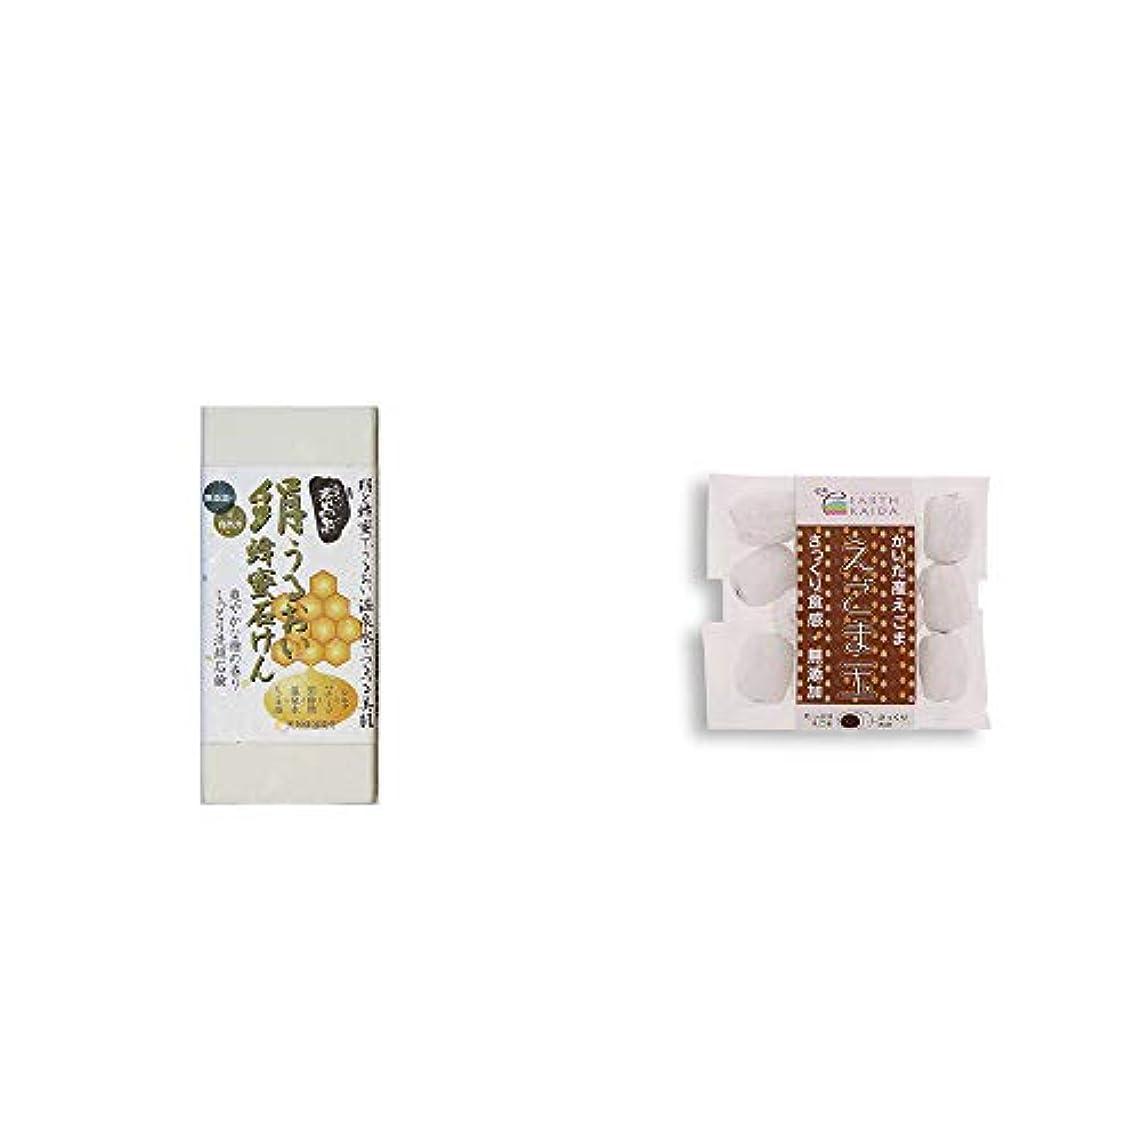 ネックレットキャベツちょうつがい[2点セット] ひのき炭黒泉 絹うるおい蜂蜜石けん(75g×2)?開田産えごま使用 えごま玉(100g)